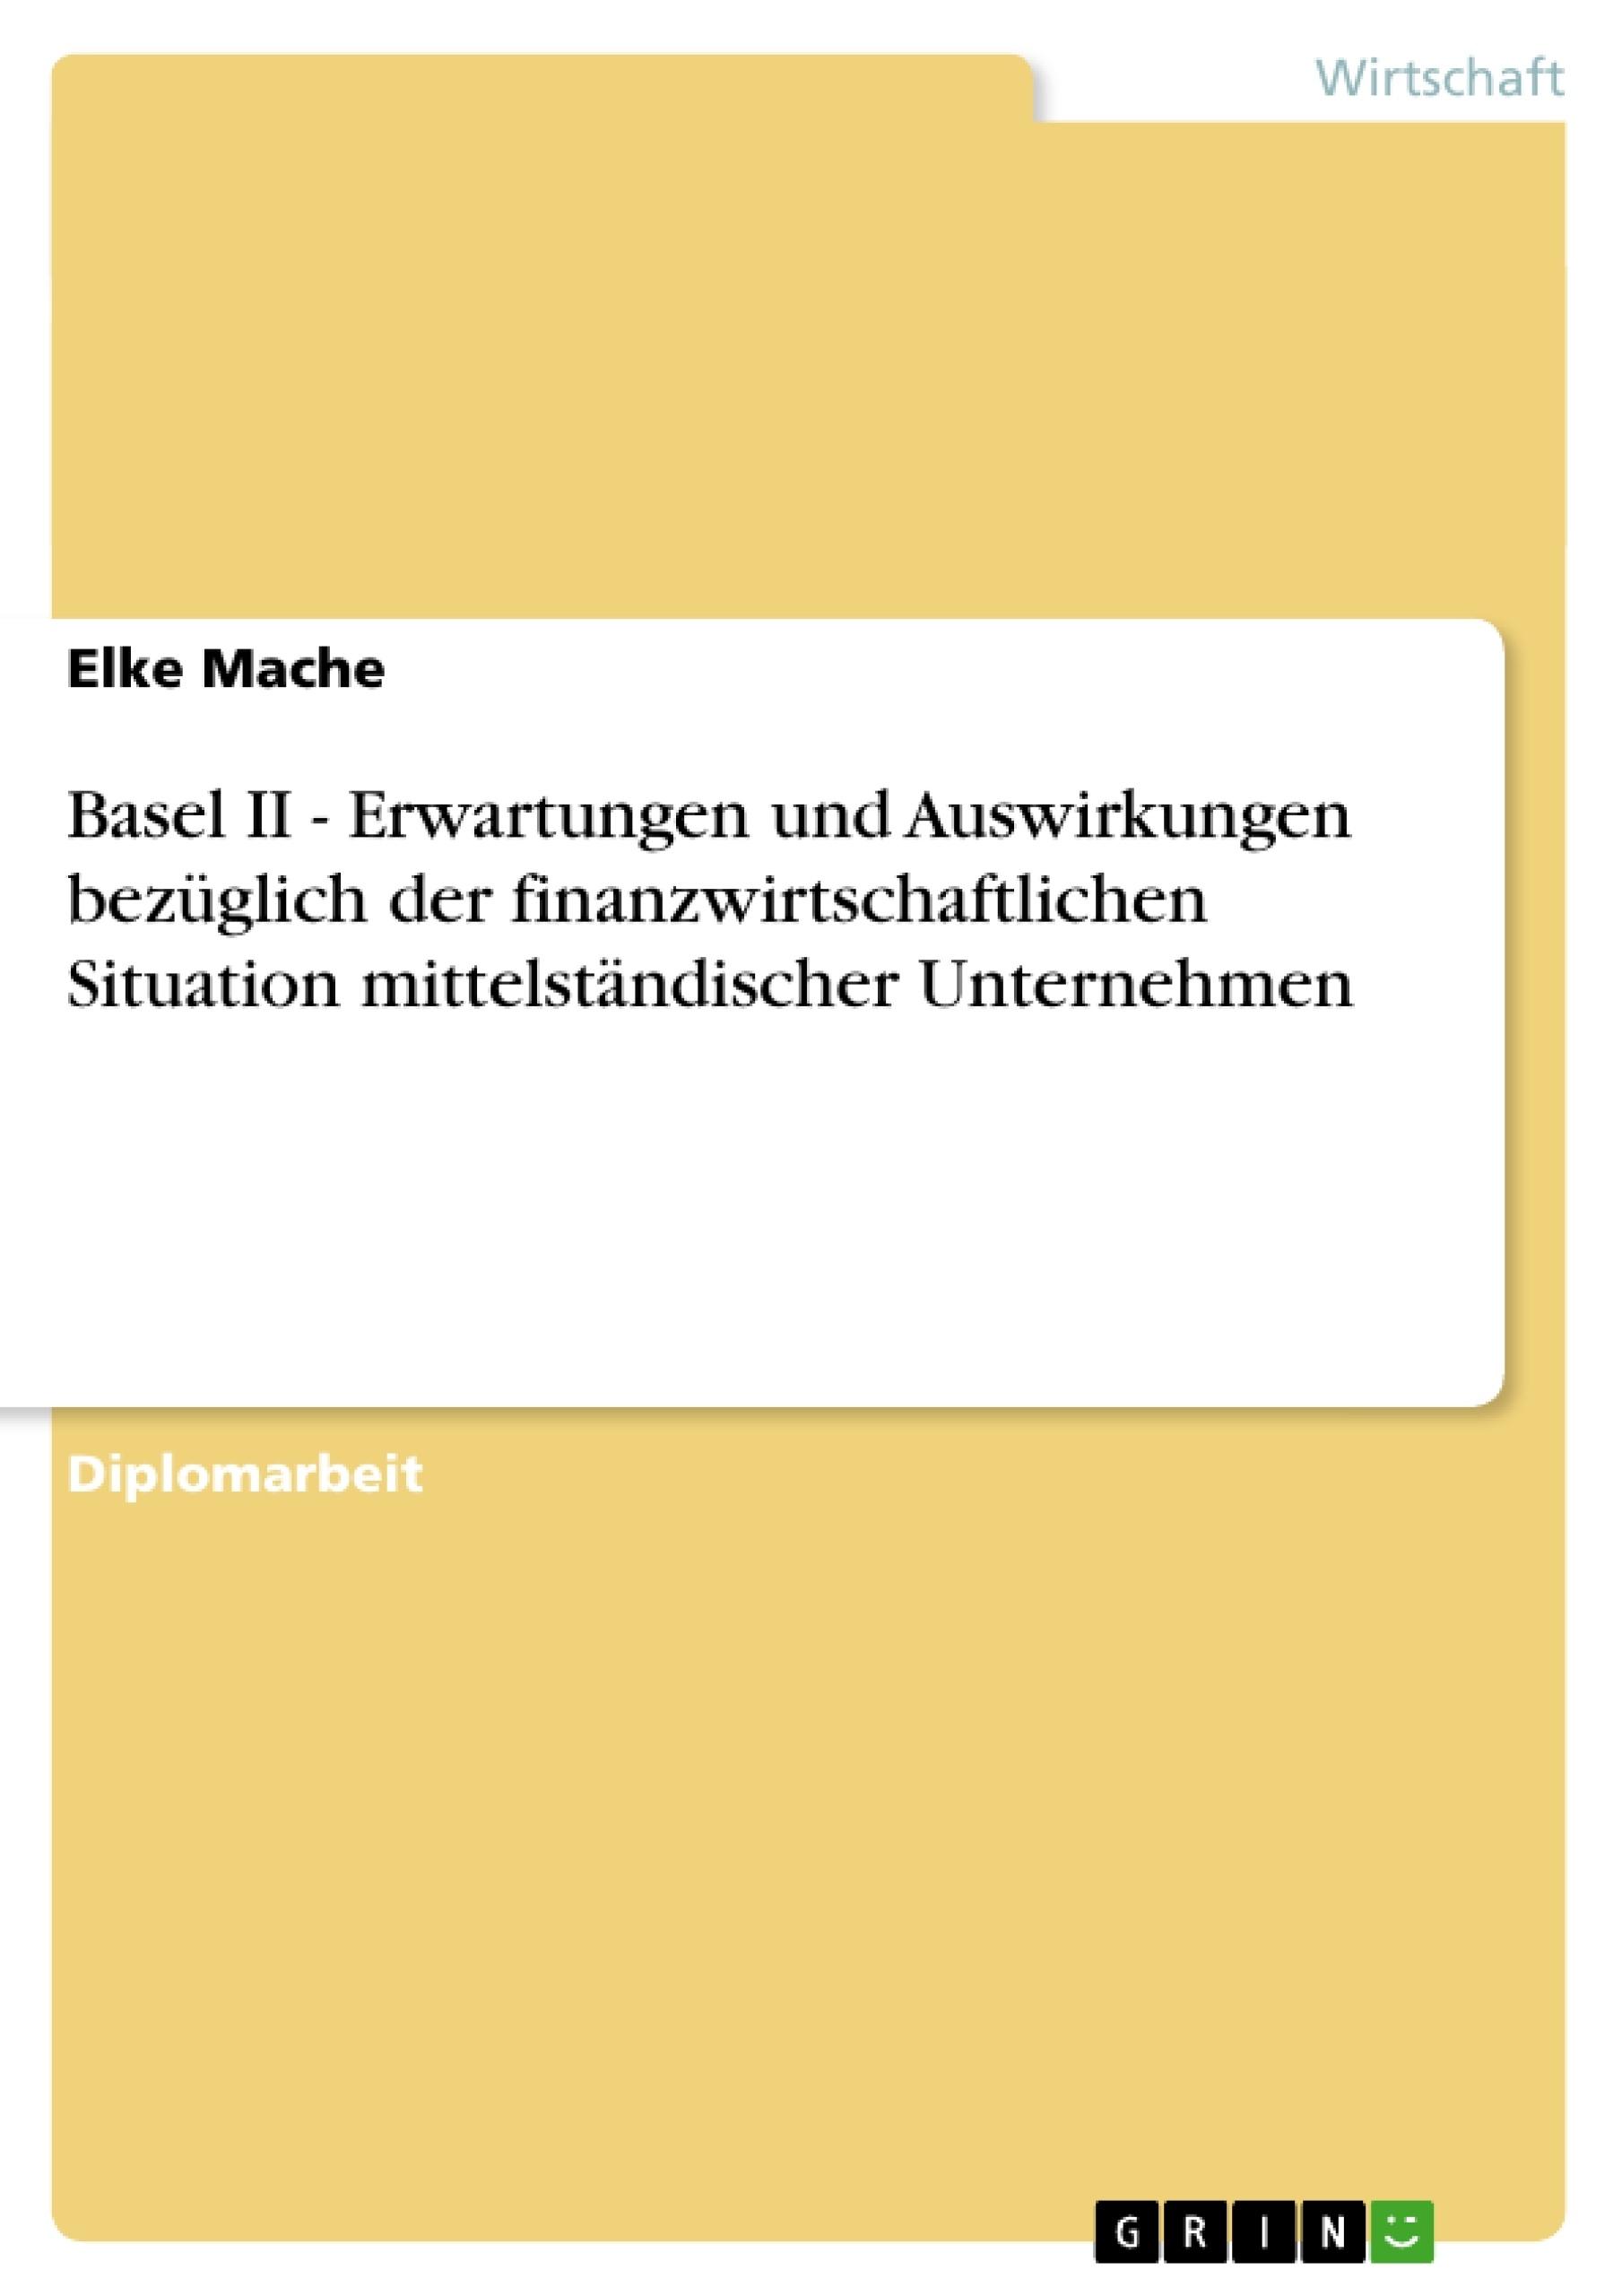 Titel: Basel II - Erwartungen und Auswirkungen bezüglich der finanzwirtschaftlichen Situation mittelständischer Unternehmen